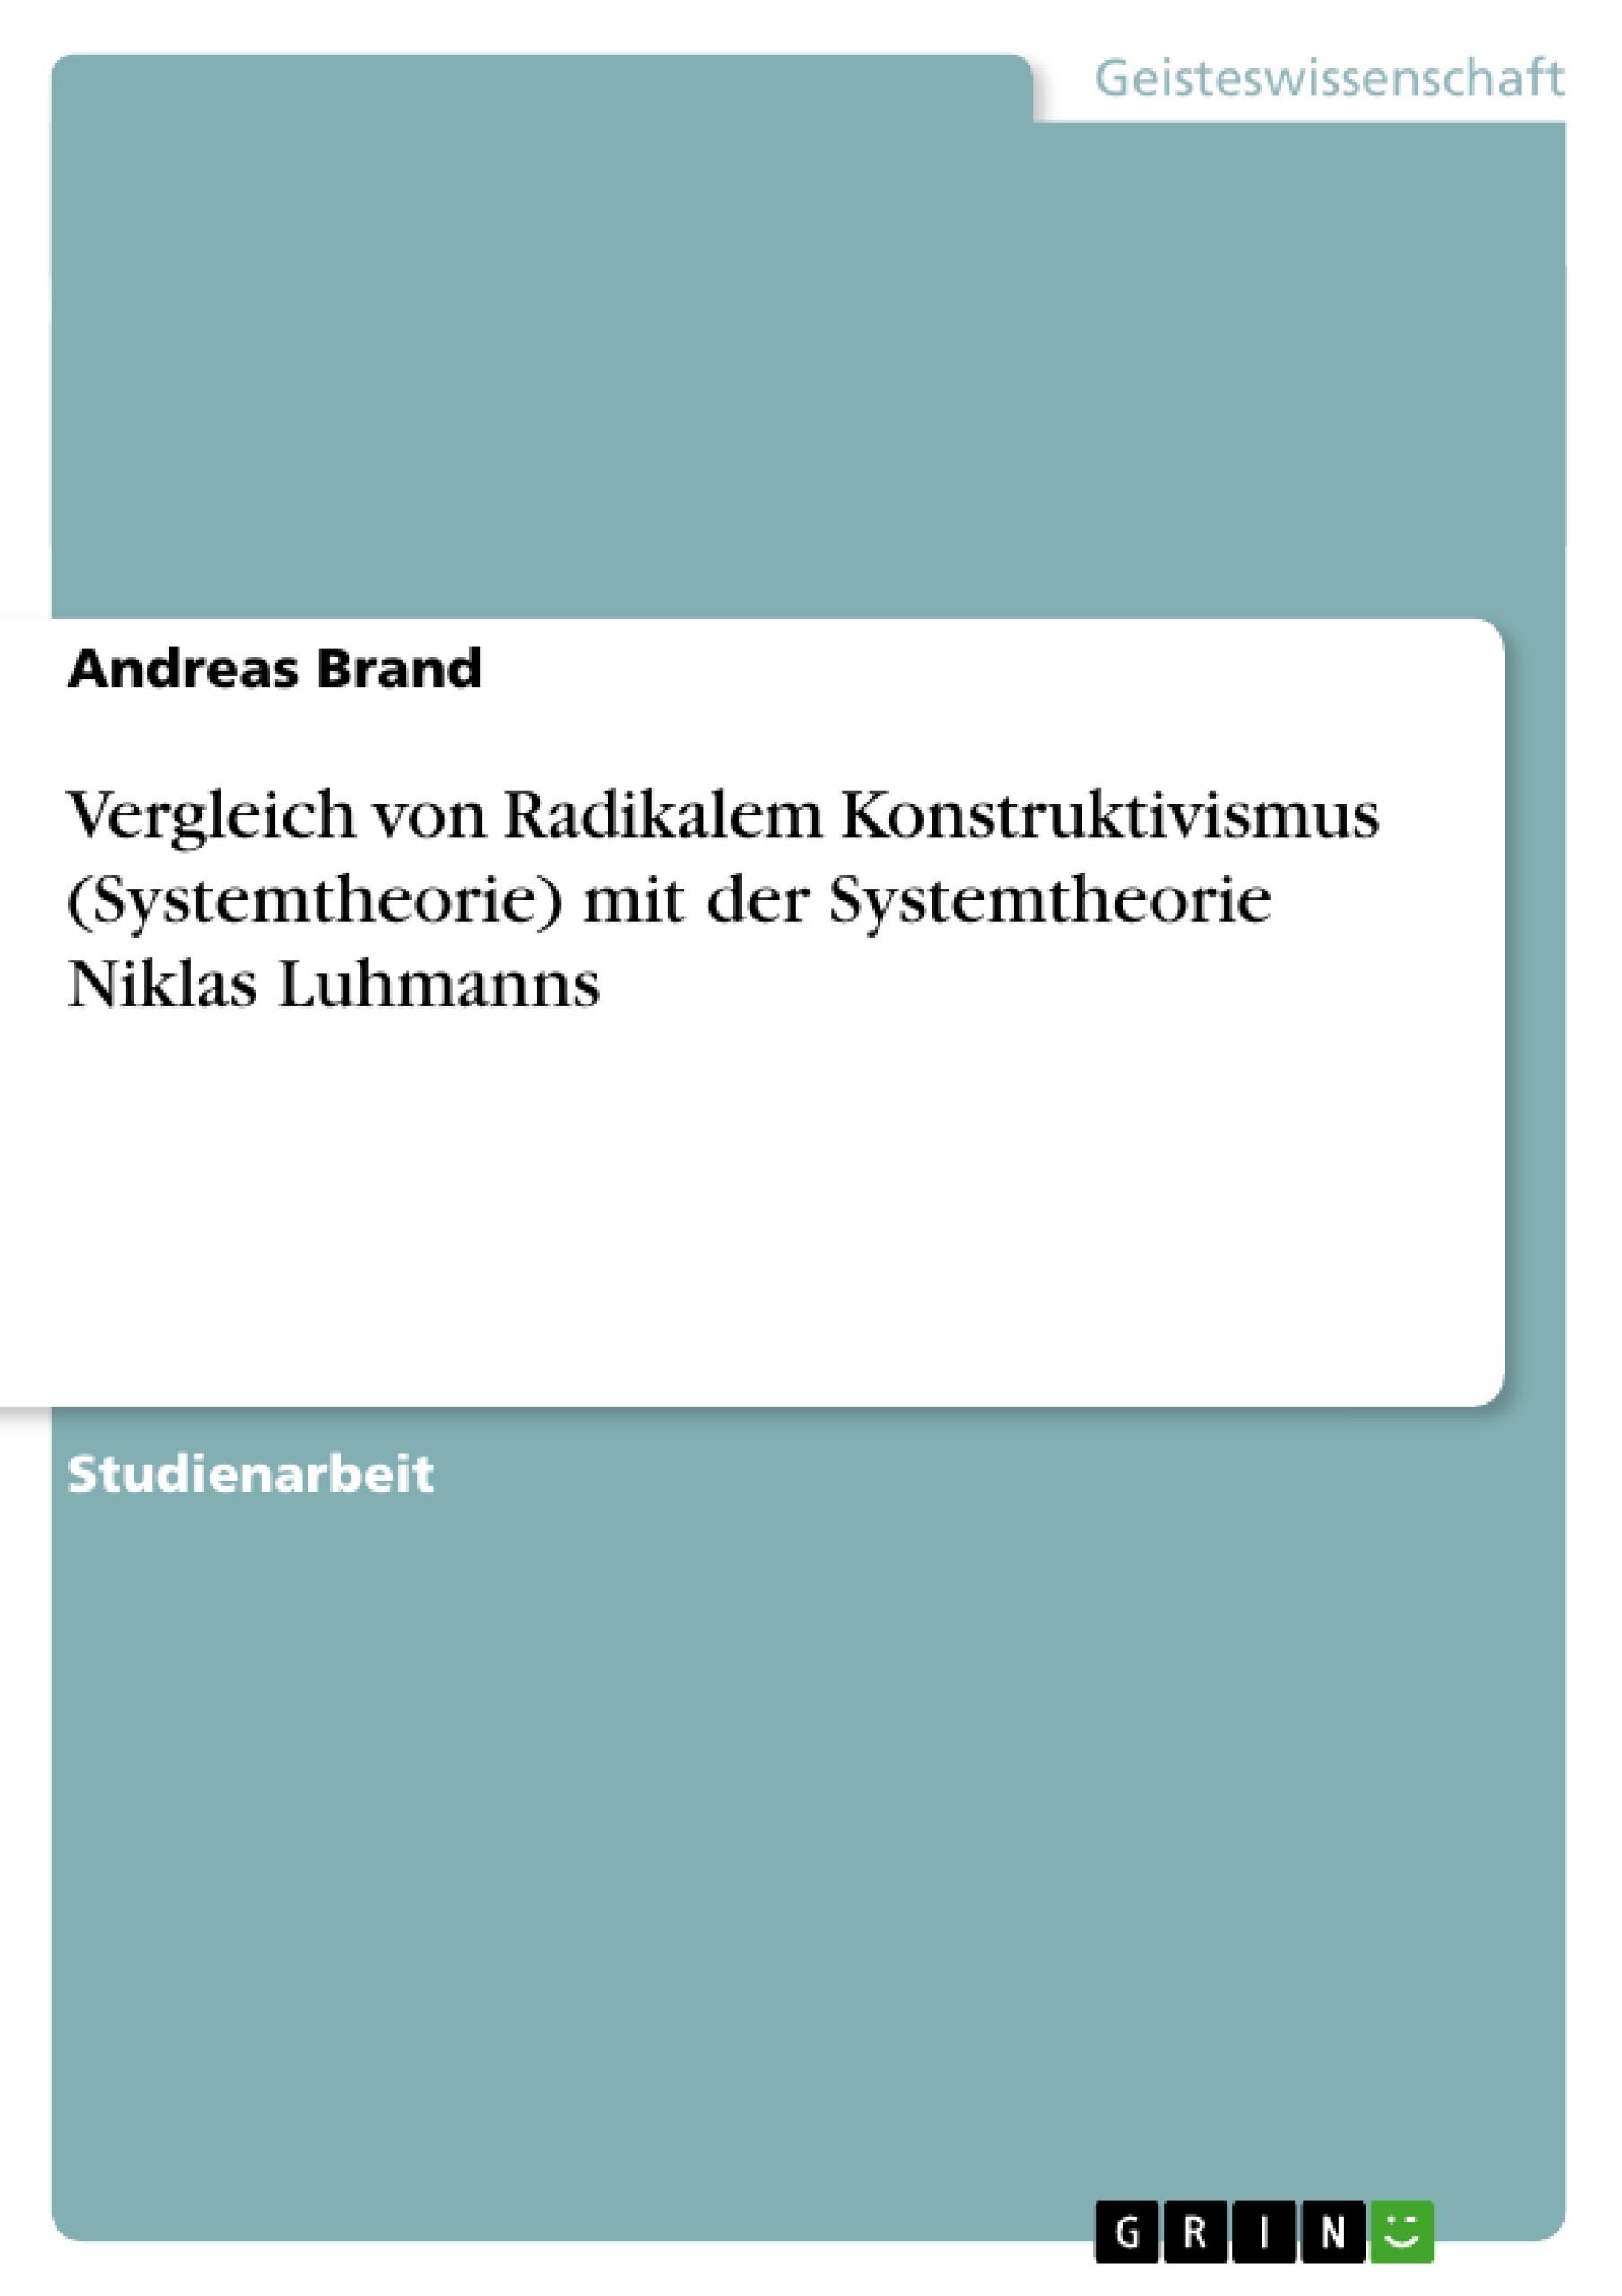 Titel: Vergleich von Radikalem Konstruktivismus (Systemtheorie) mit der Systemtheorie Niklas Luhmanns